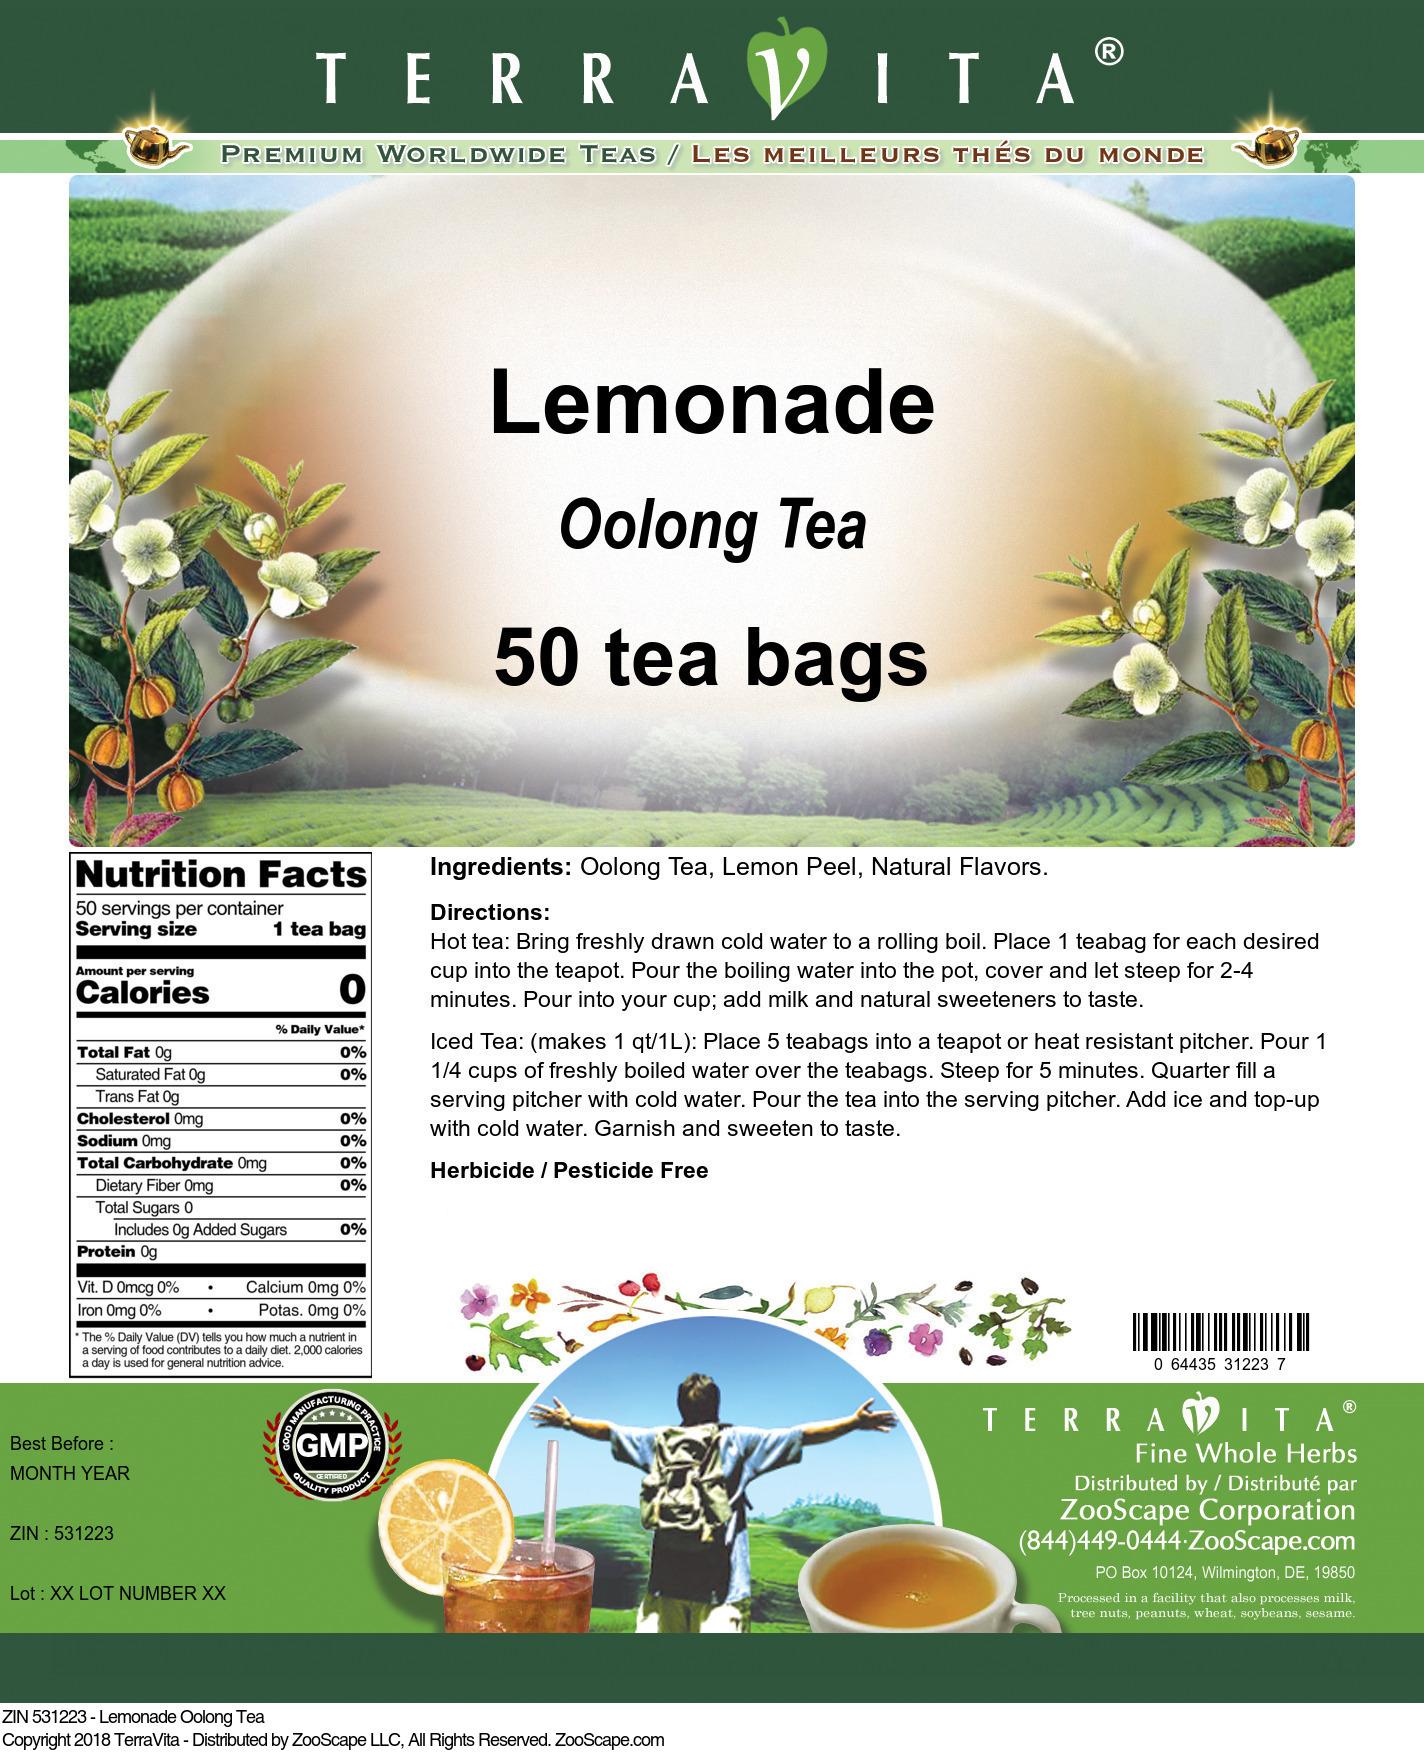 Lemonade Oolong Tea